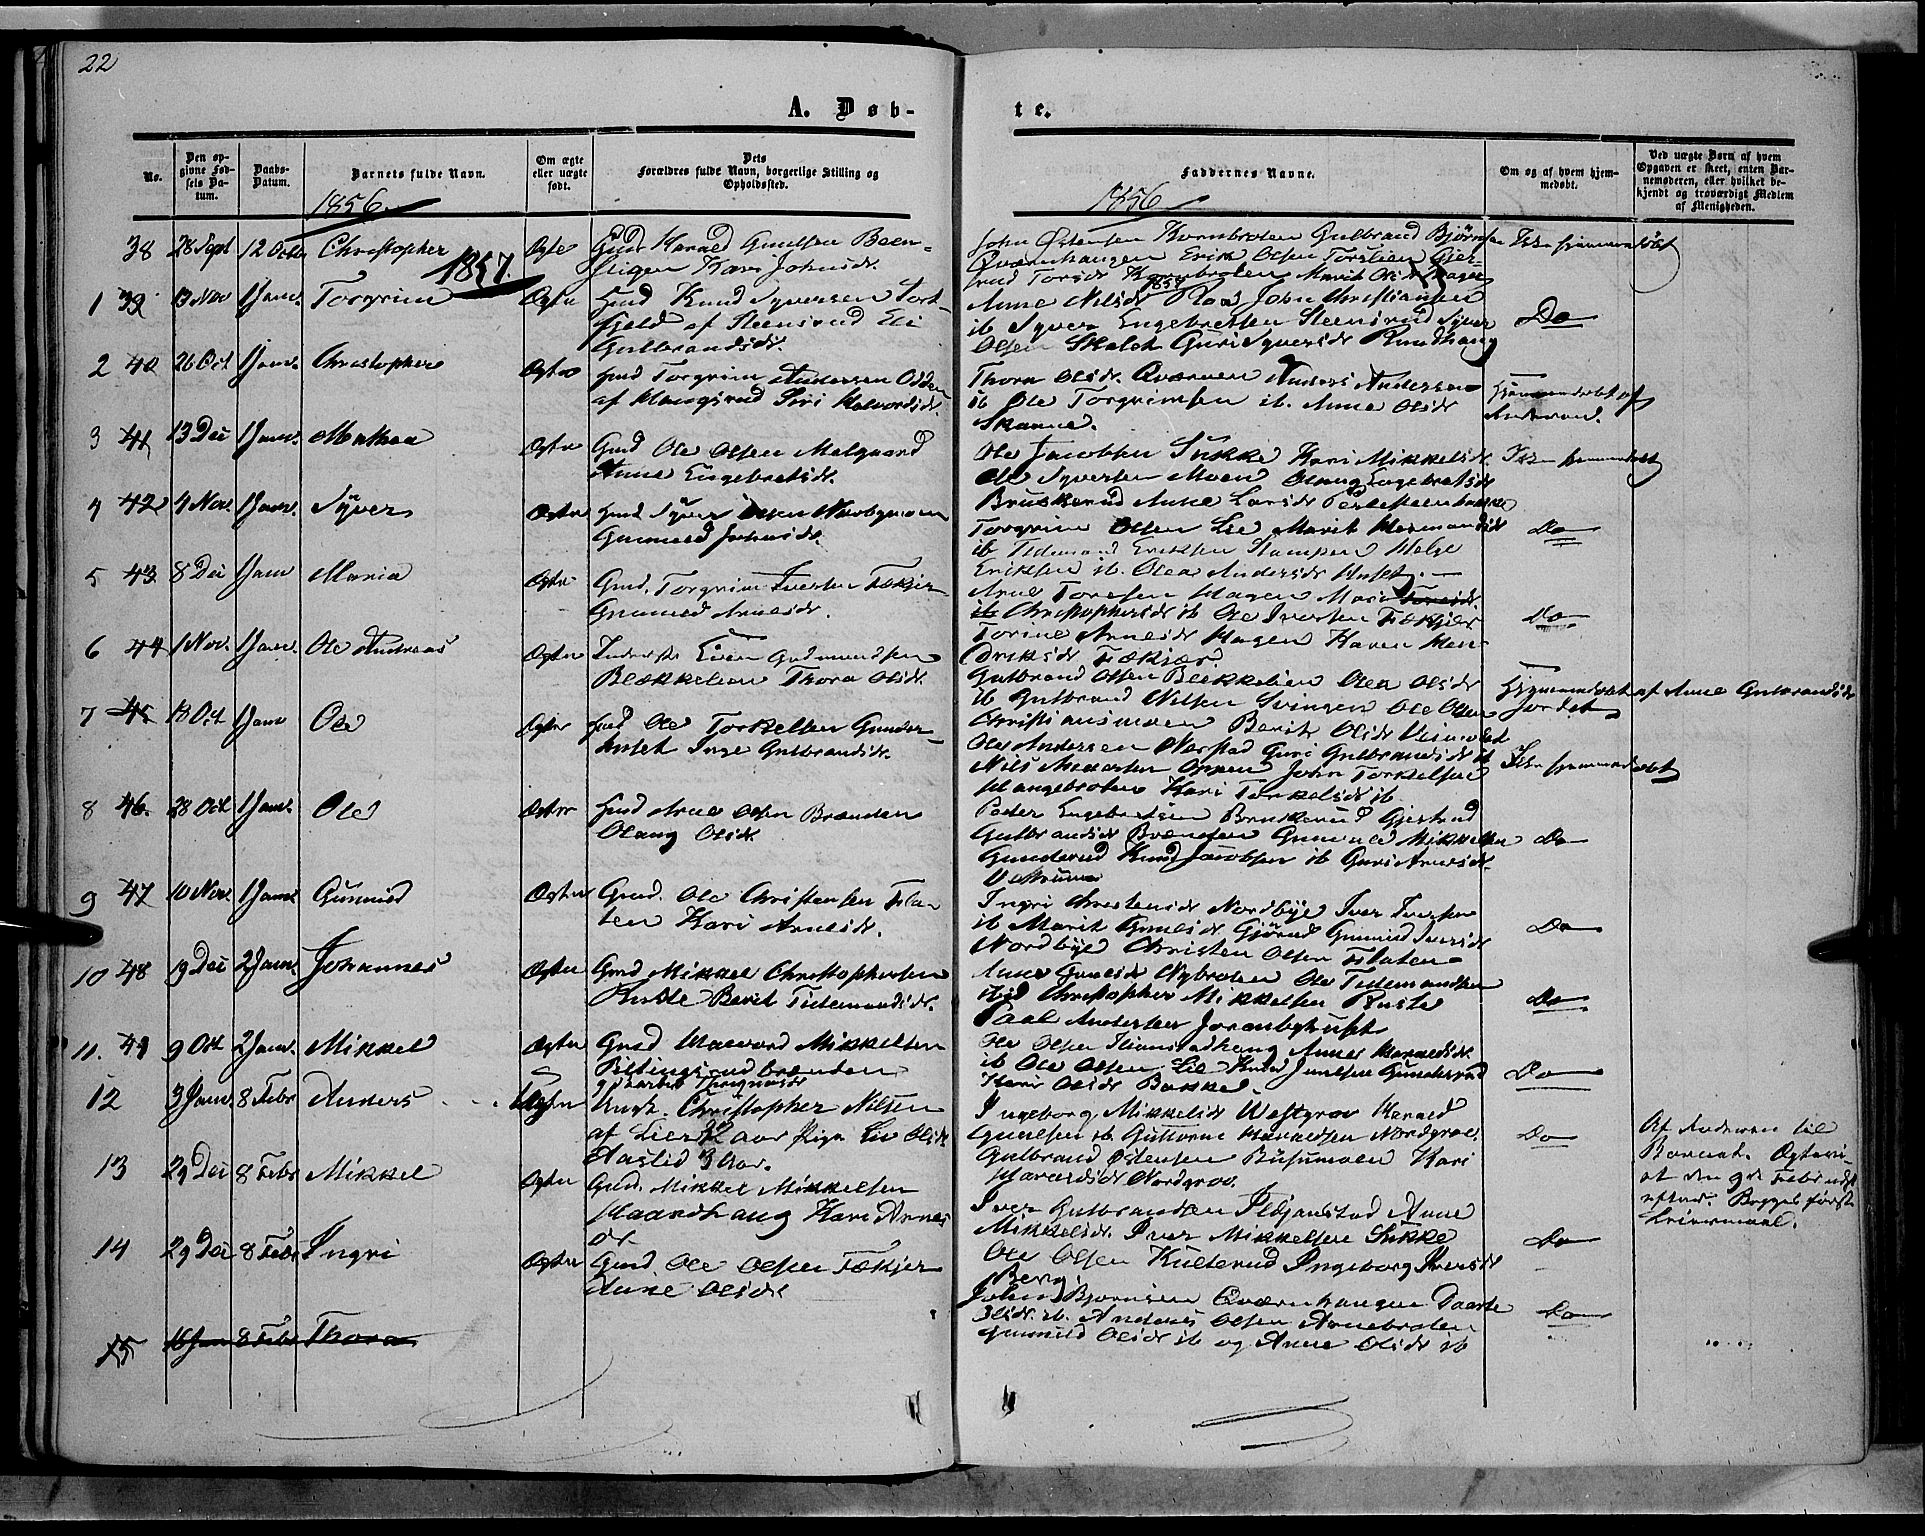 SAH, Sør-Aurdal prestekontor, Ministerialbok nr. 7, 1849-1876, s. 22